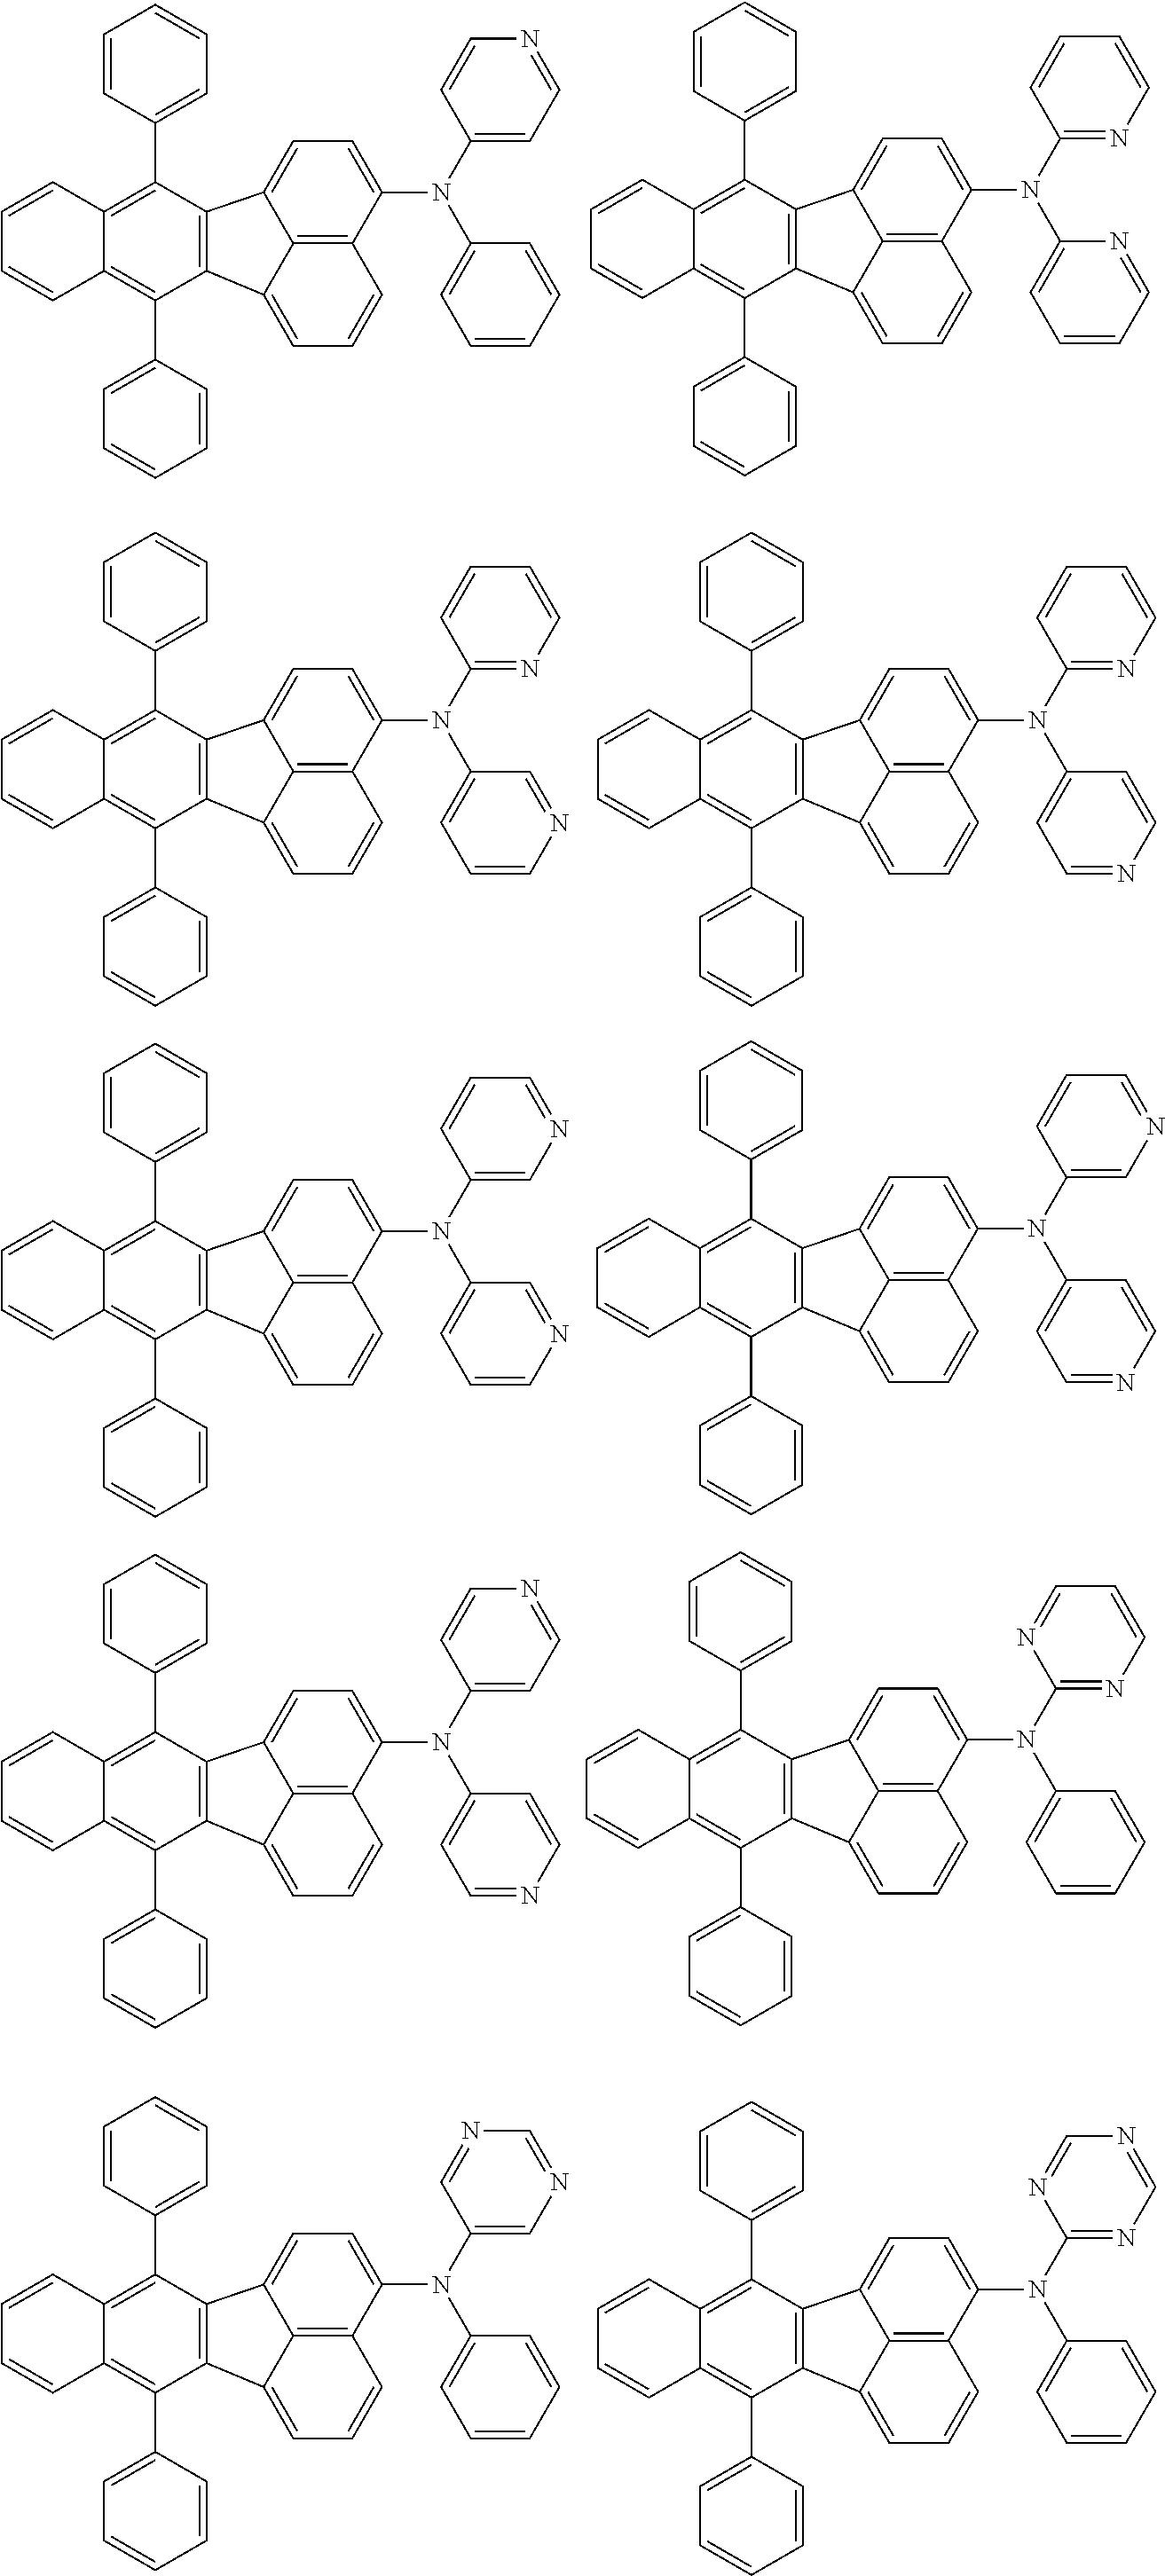 Figure US20150280139A1-20151001-C00080